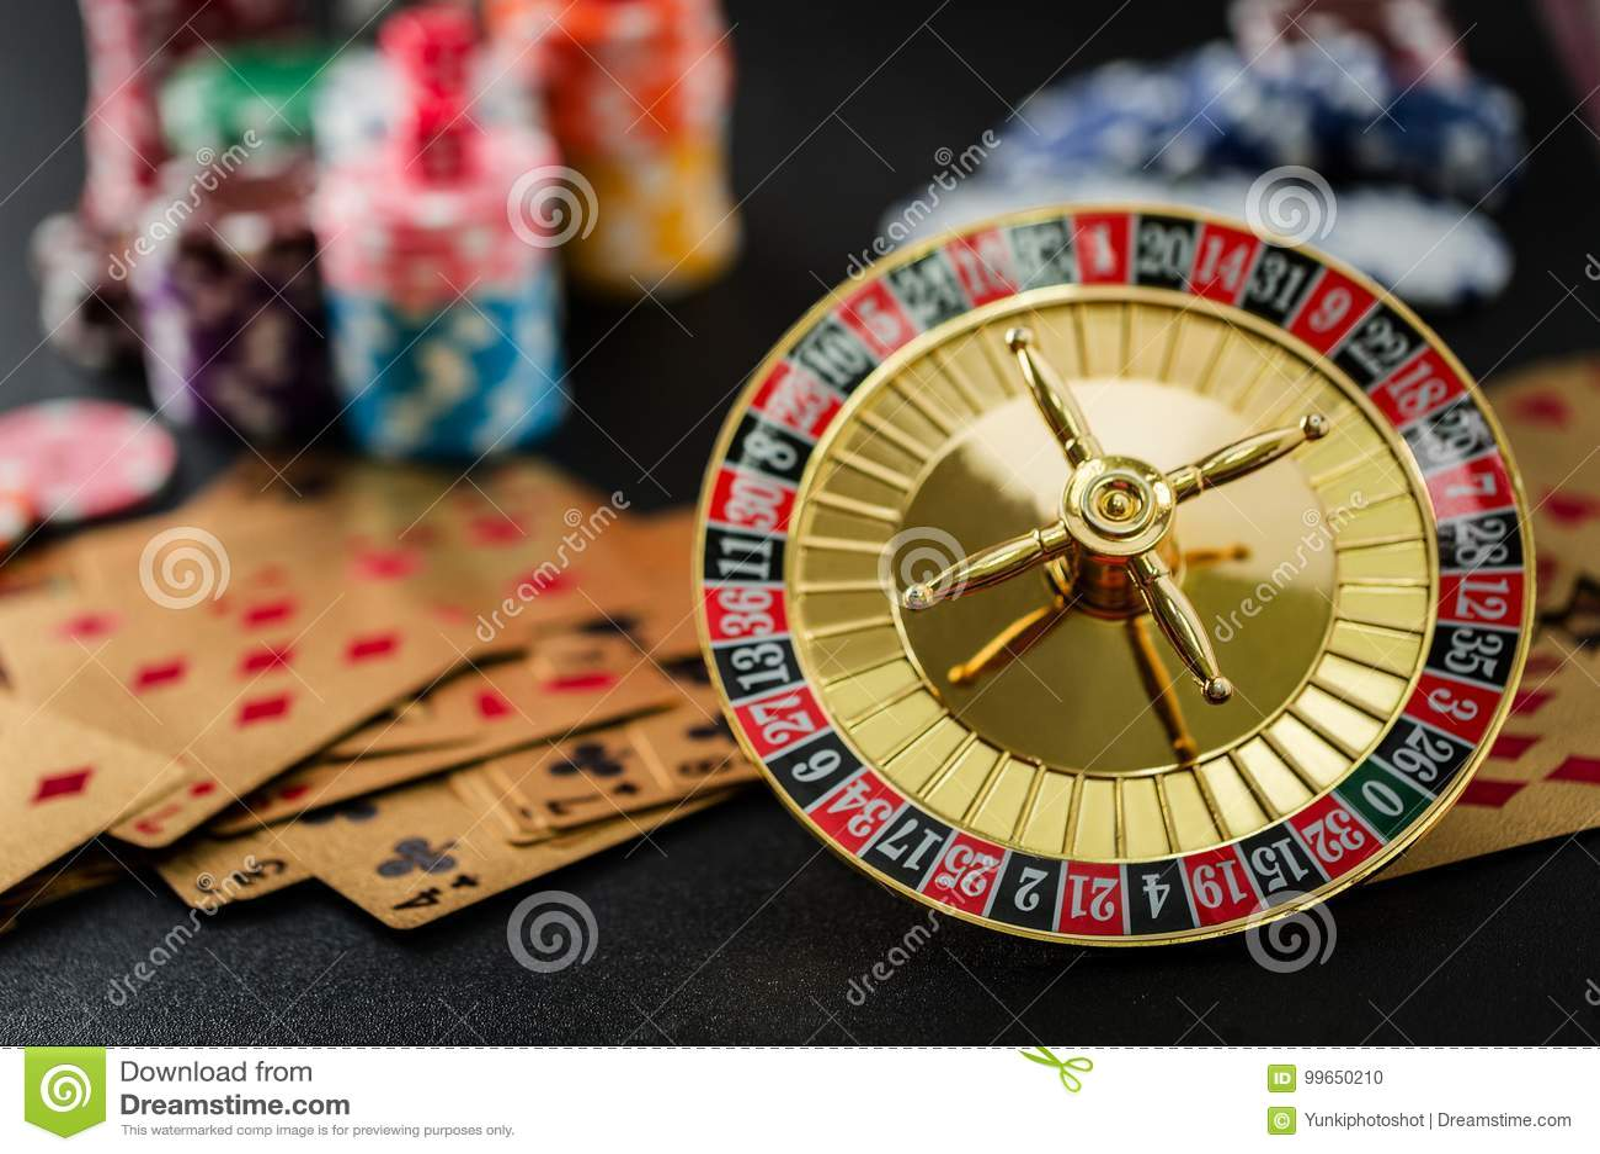 Азартные игры азартные люди книга